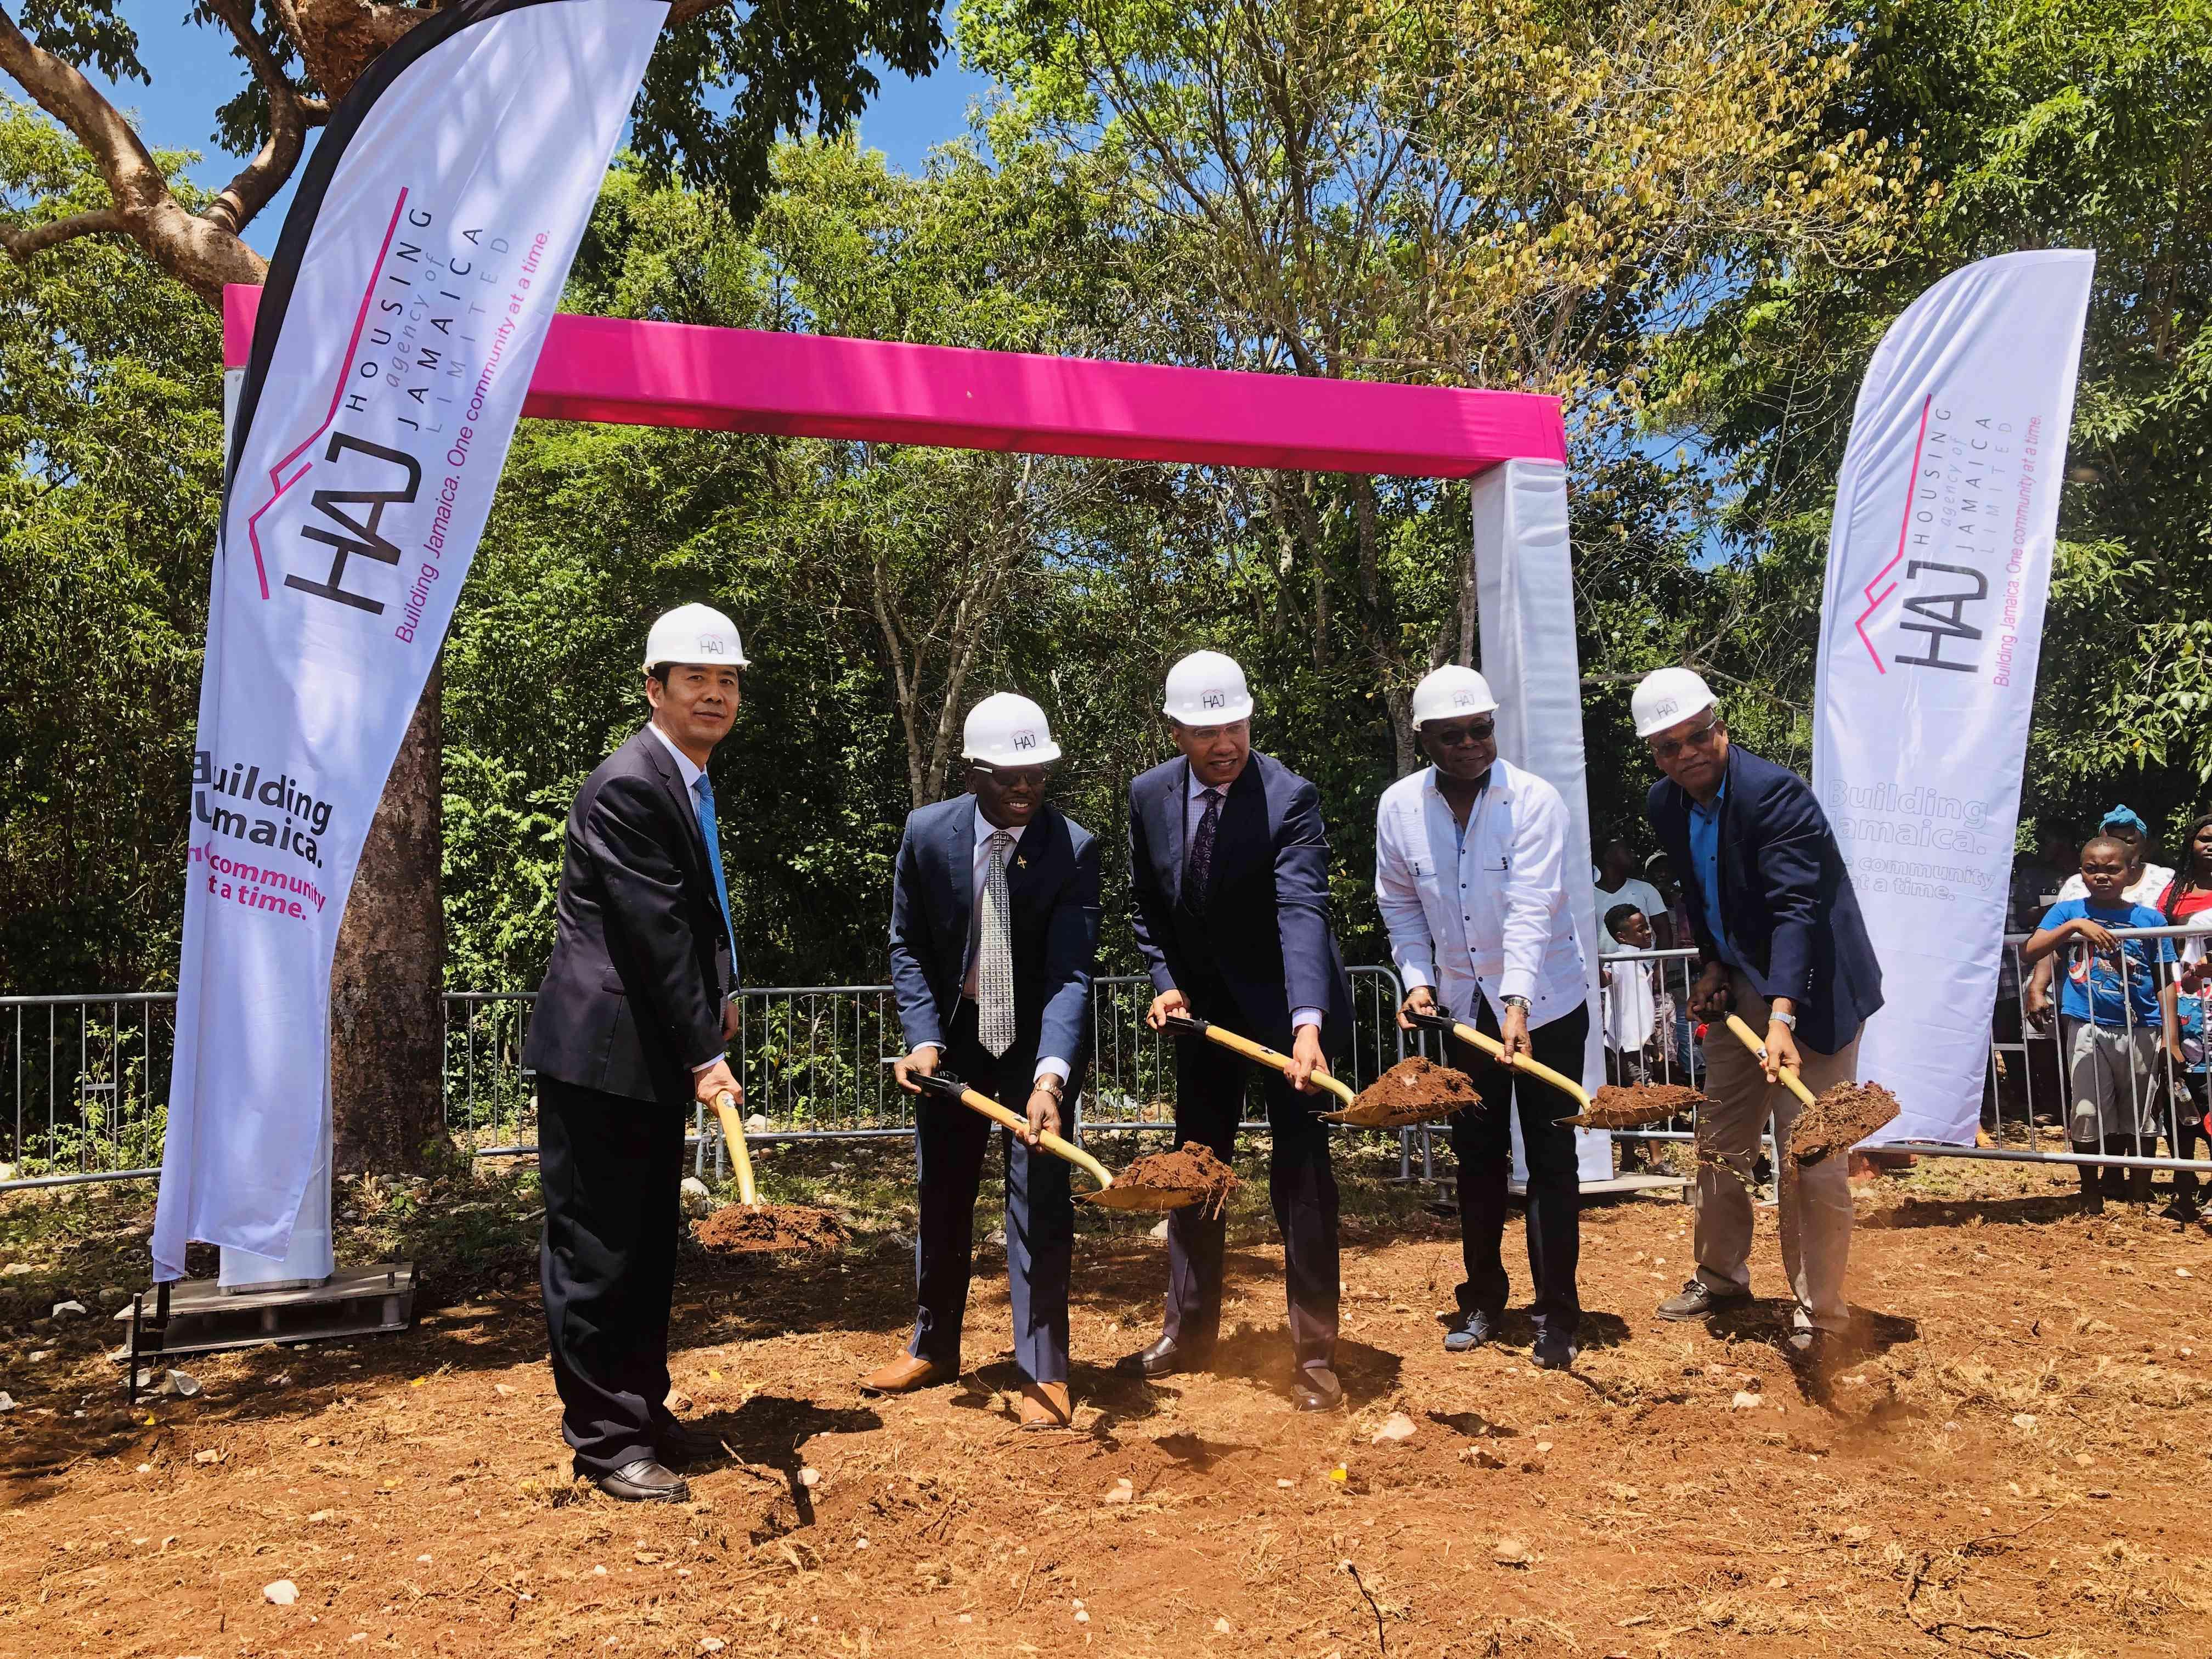 牙买加莱恩公园住房开发项目开工仪式